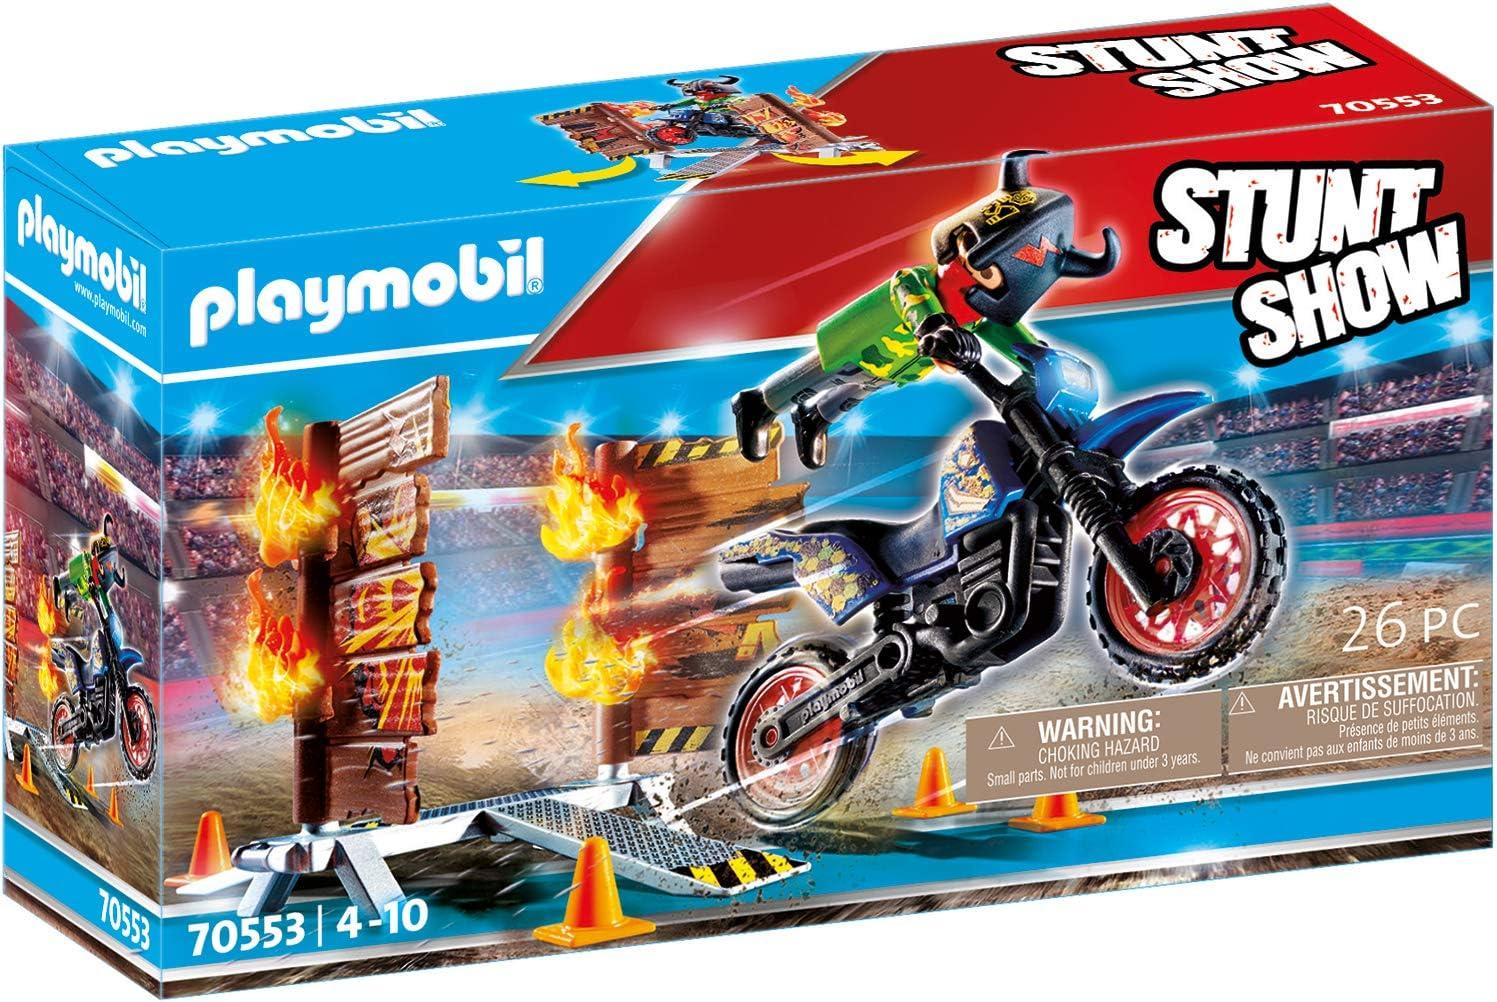 F/ür Kinder von 4-10 Jahren PLAYMOBIL Stuntshow 70551 Crashcar